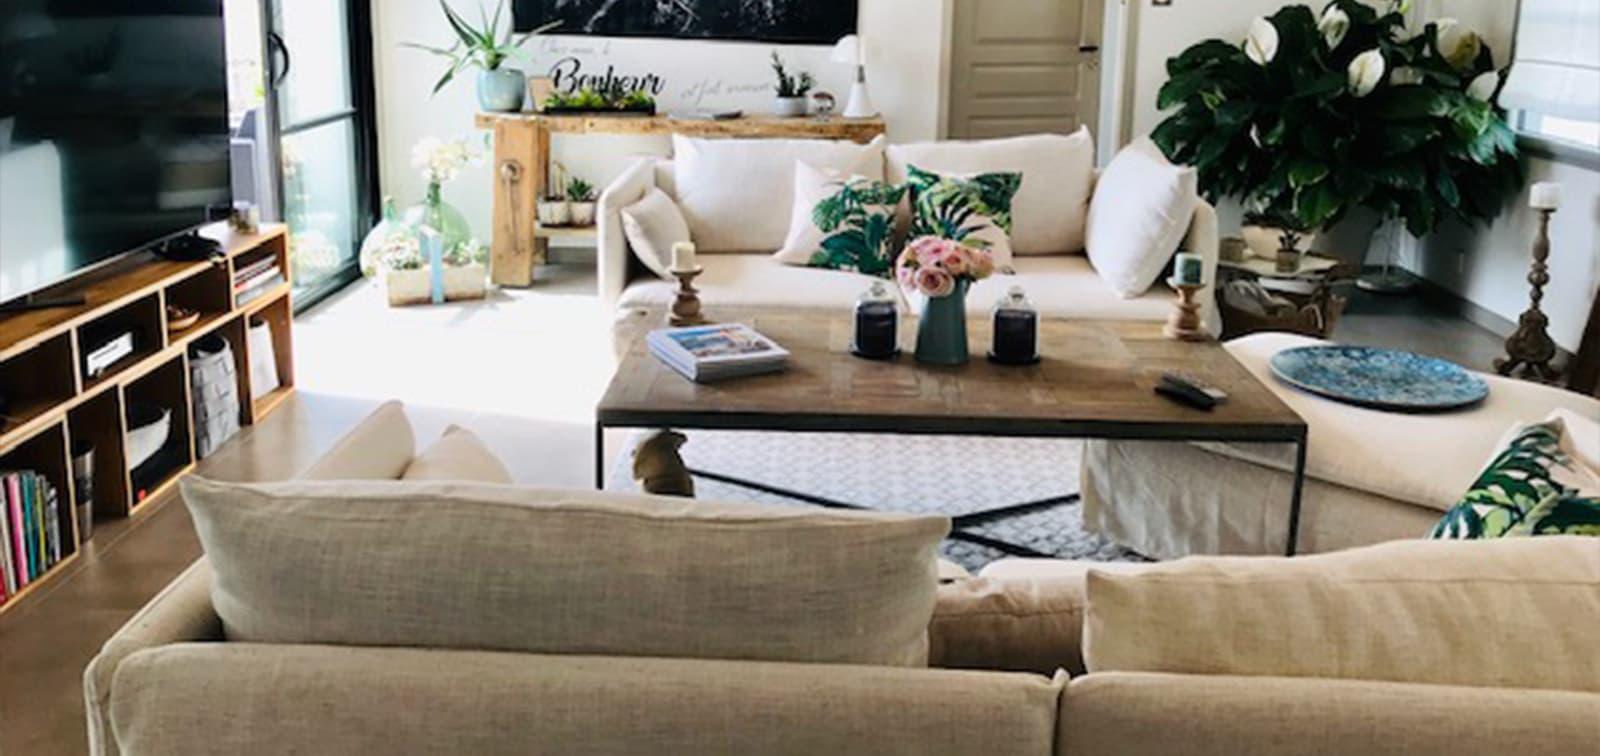 Housse canapé Maisons du monde